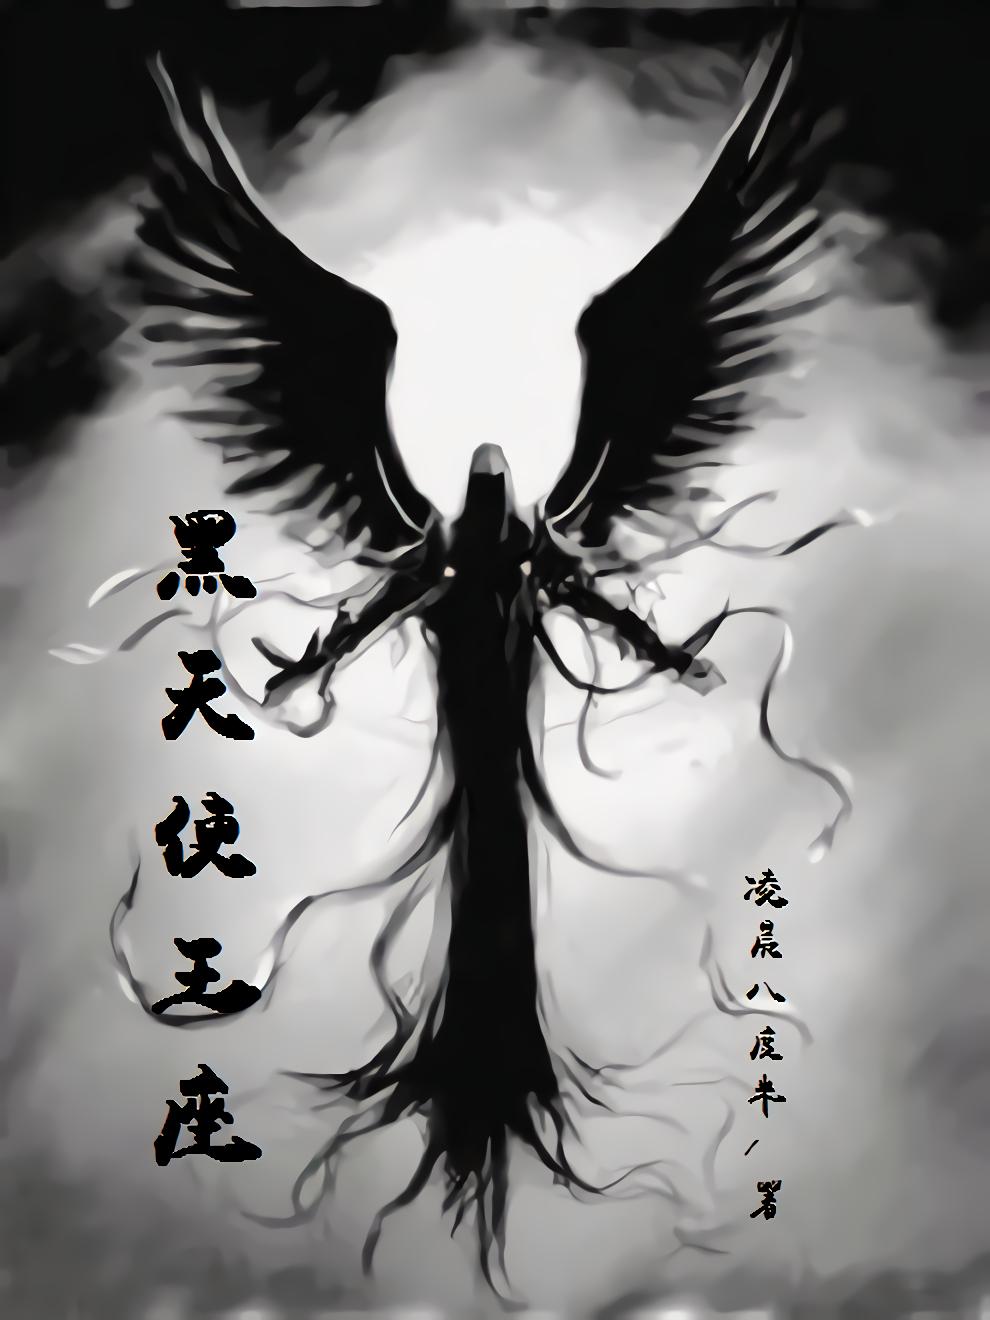 黑天使王座